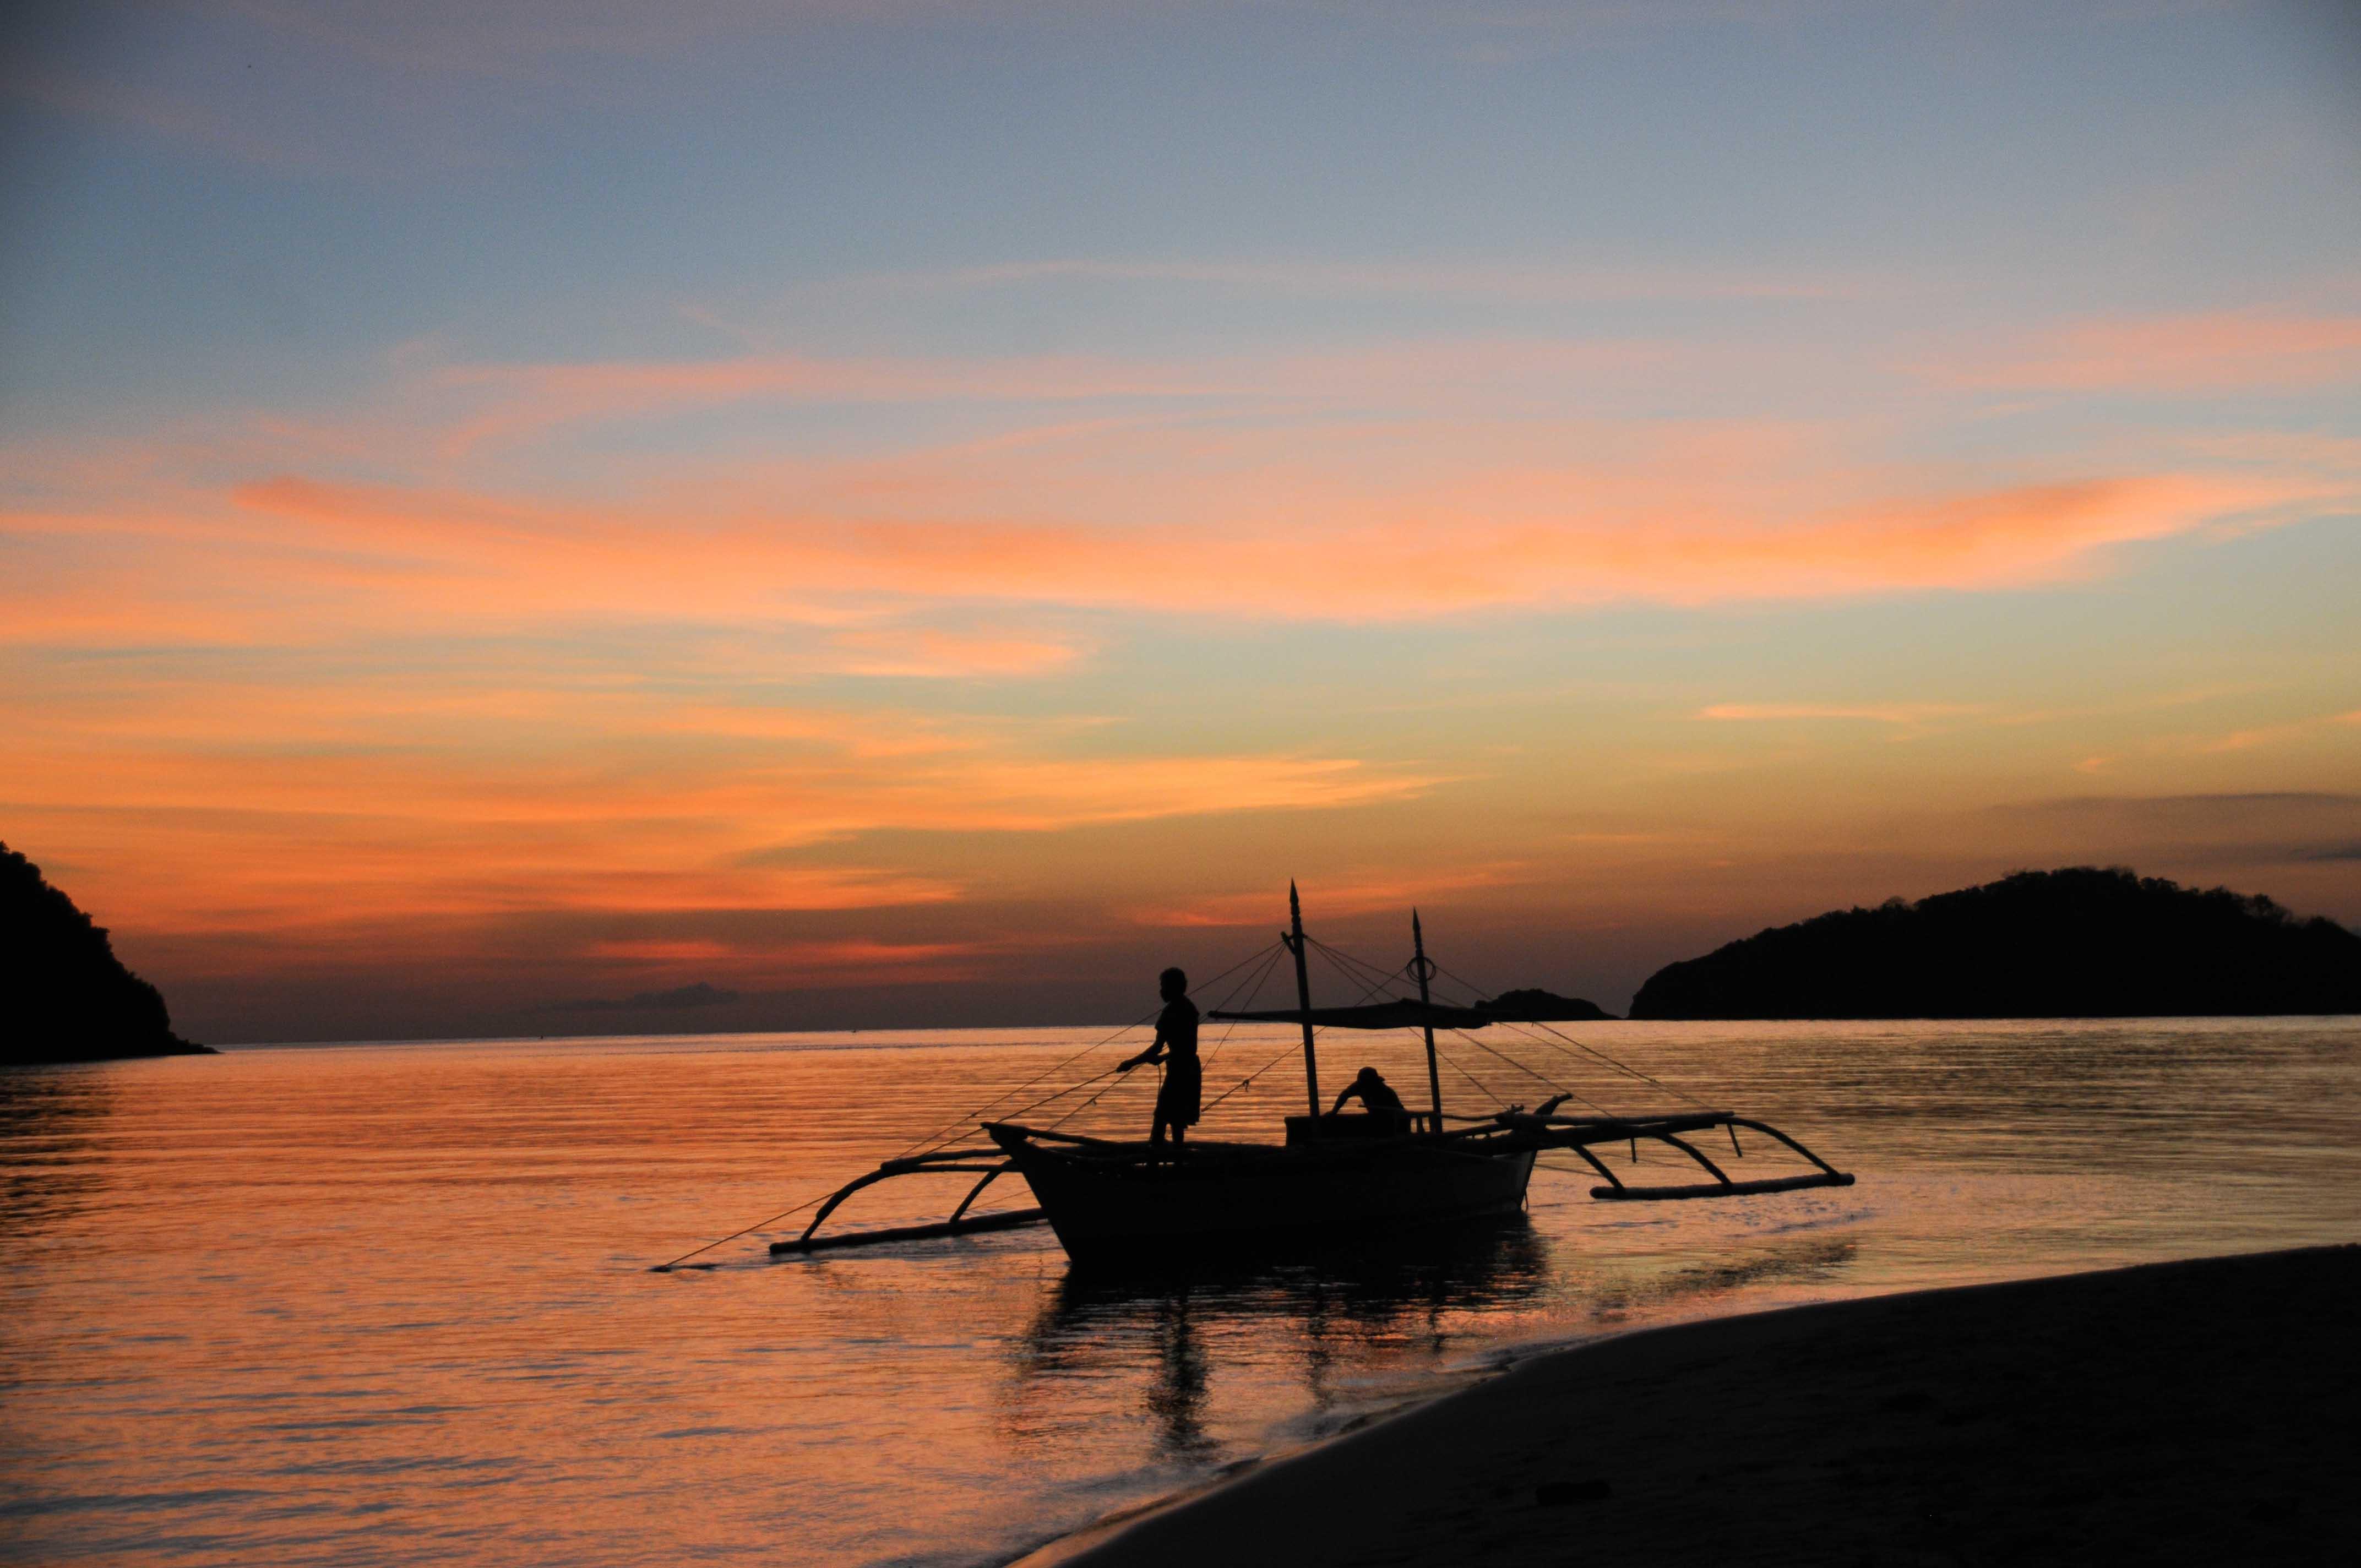 Voyage aux Philippines (suite)